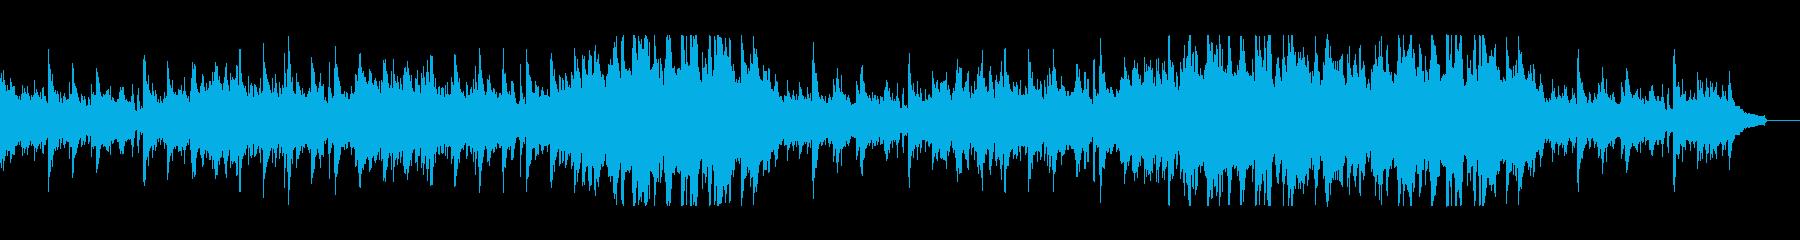 【リズム抜き】映像向きのしっとり爽やかなの再生済みの波形